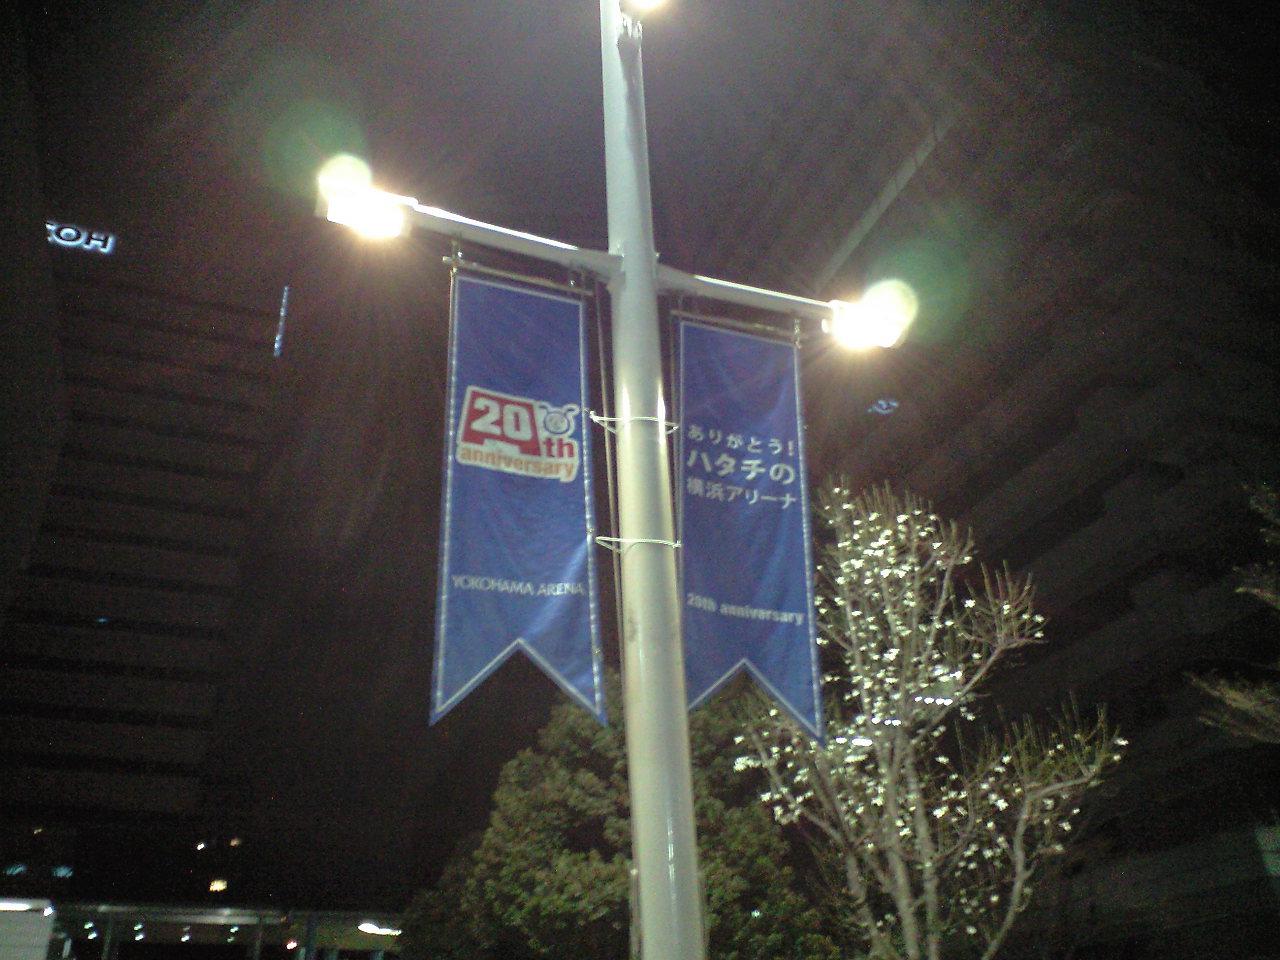 横浜アリーナと、クリスピー。